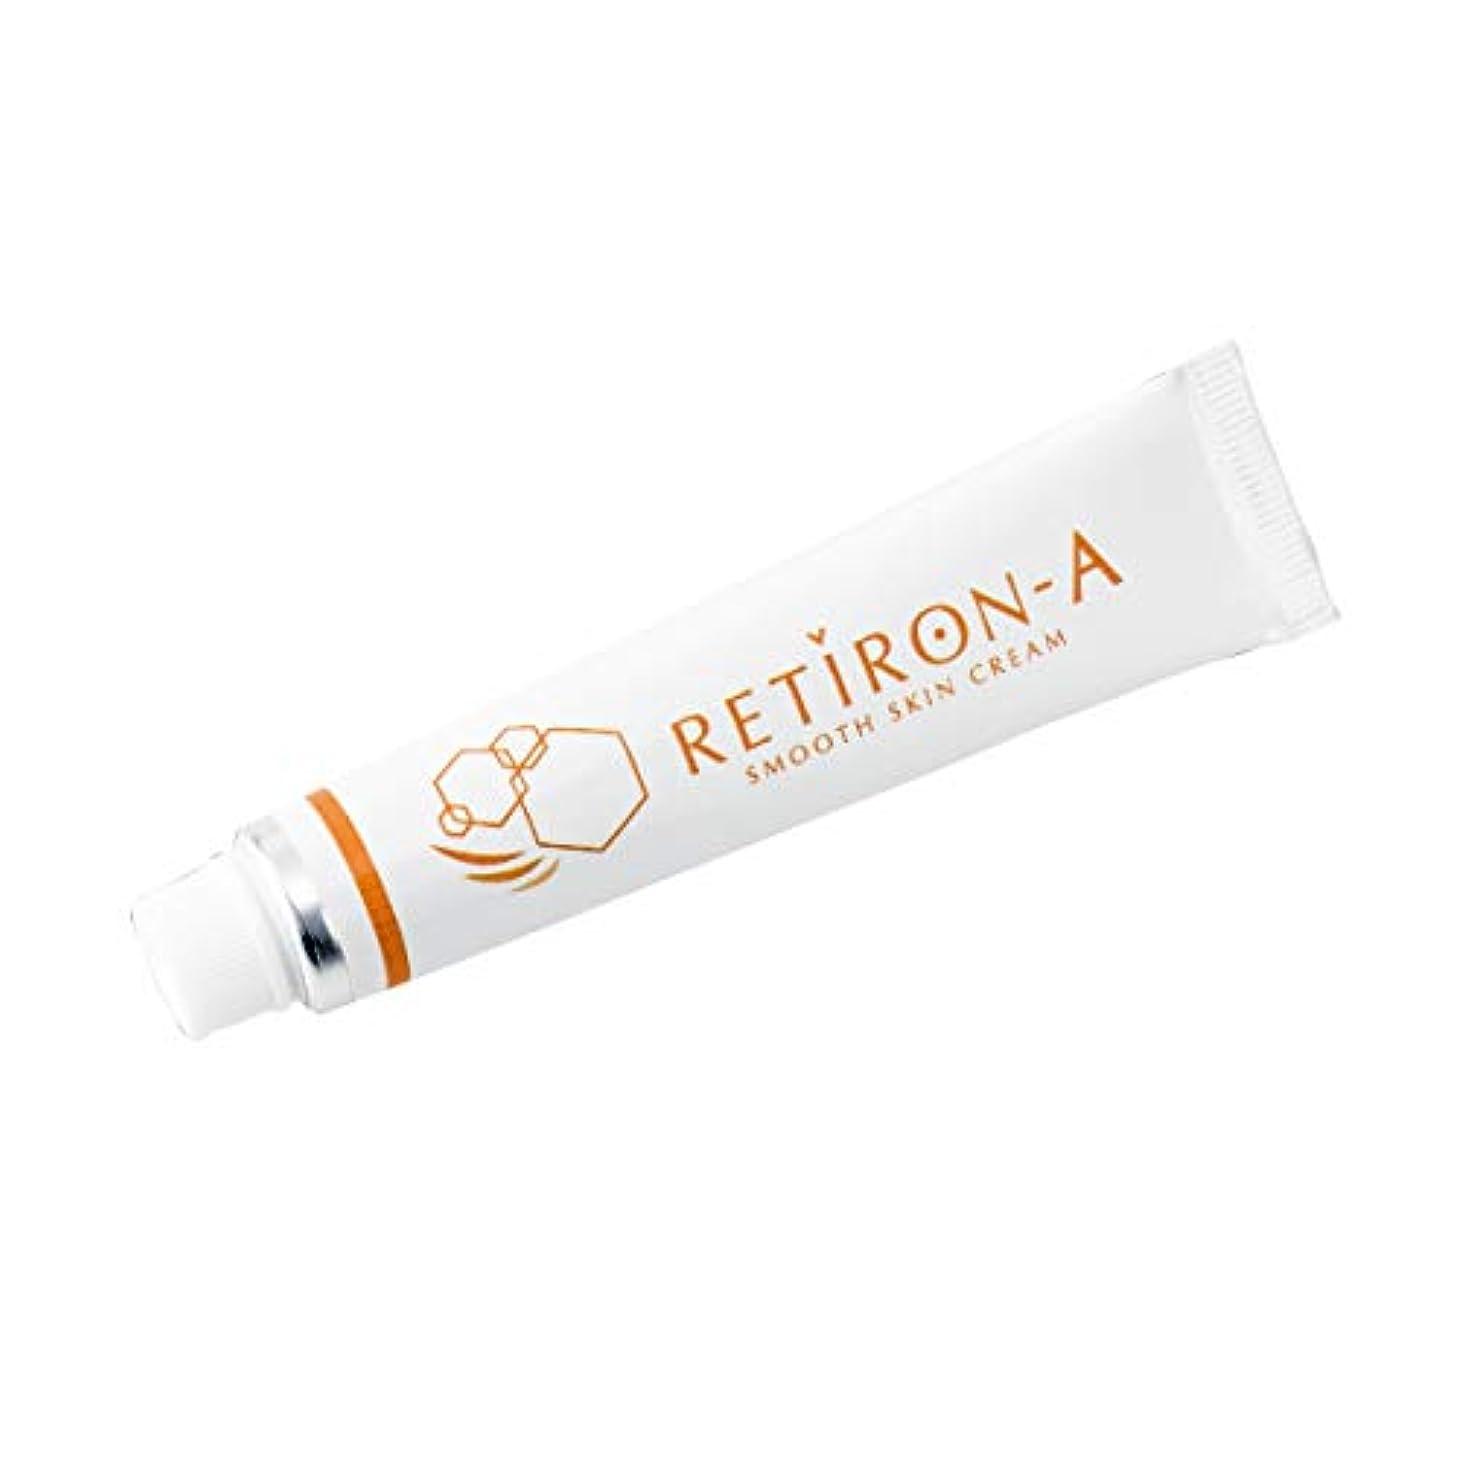 見る人担当者受動的クリーム 化粧品 レチノール配合 レチロンA パラベンフリー